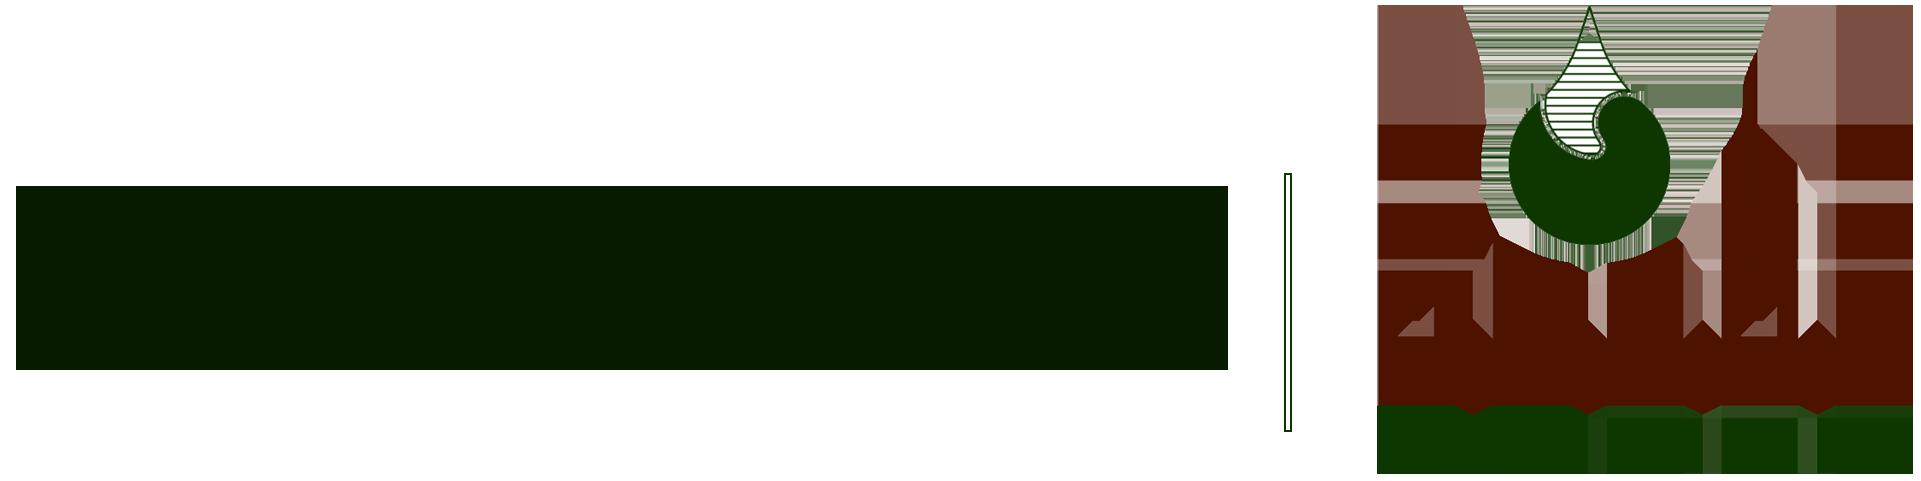 شركة تقنية ليبيا للأعمال الهندسية